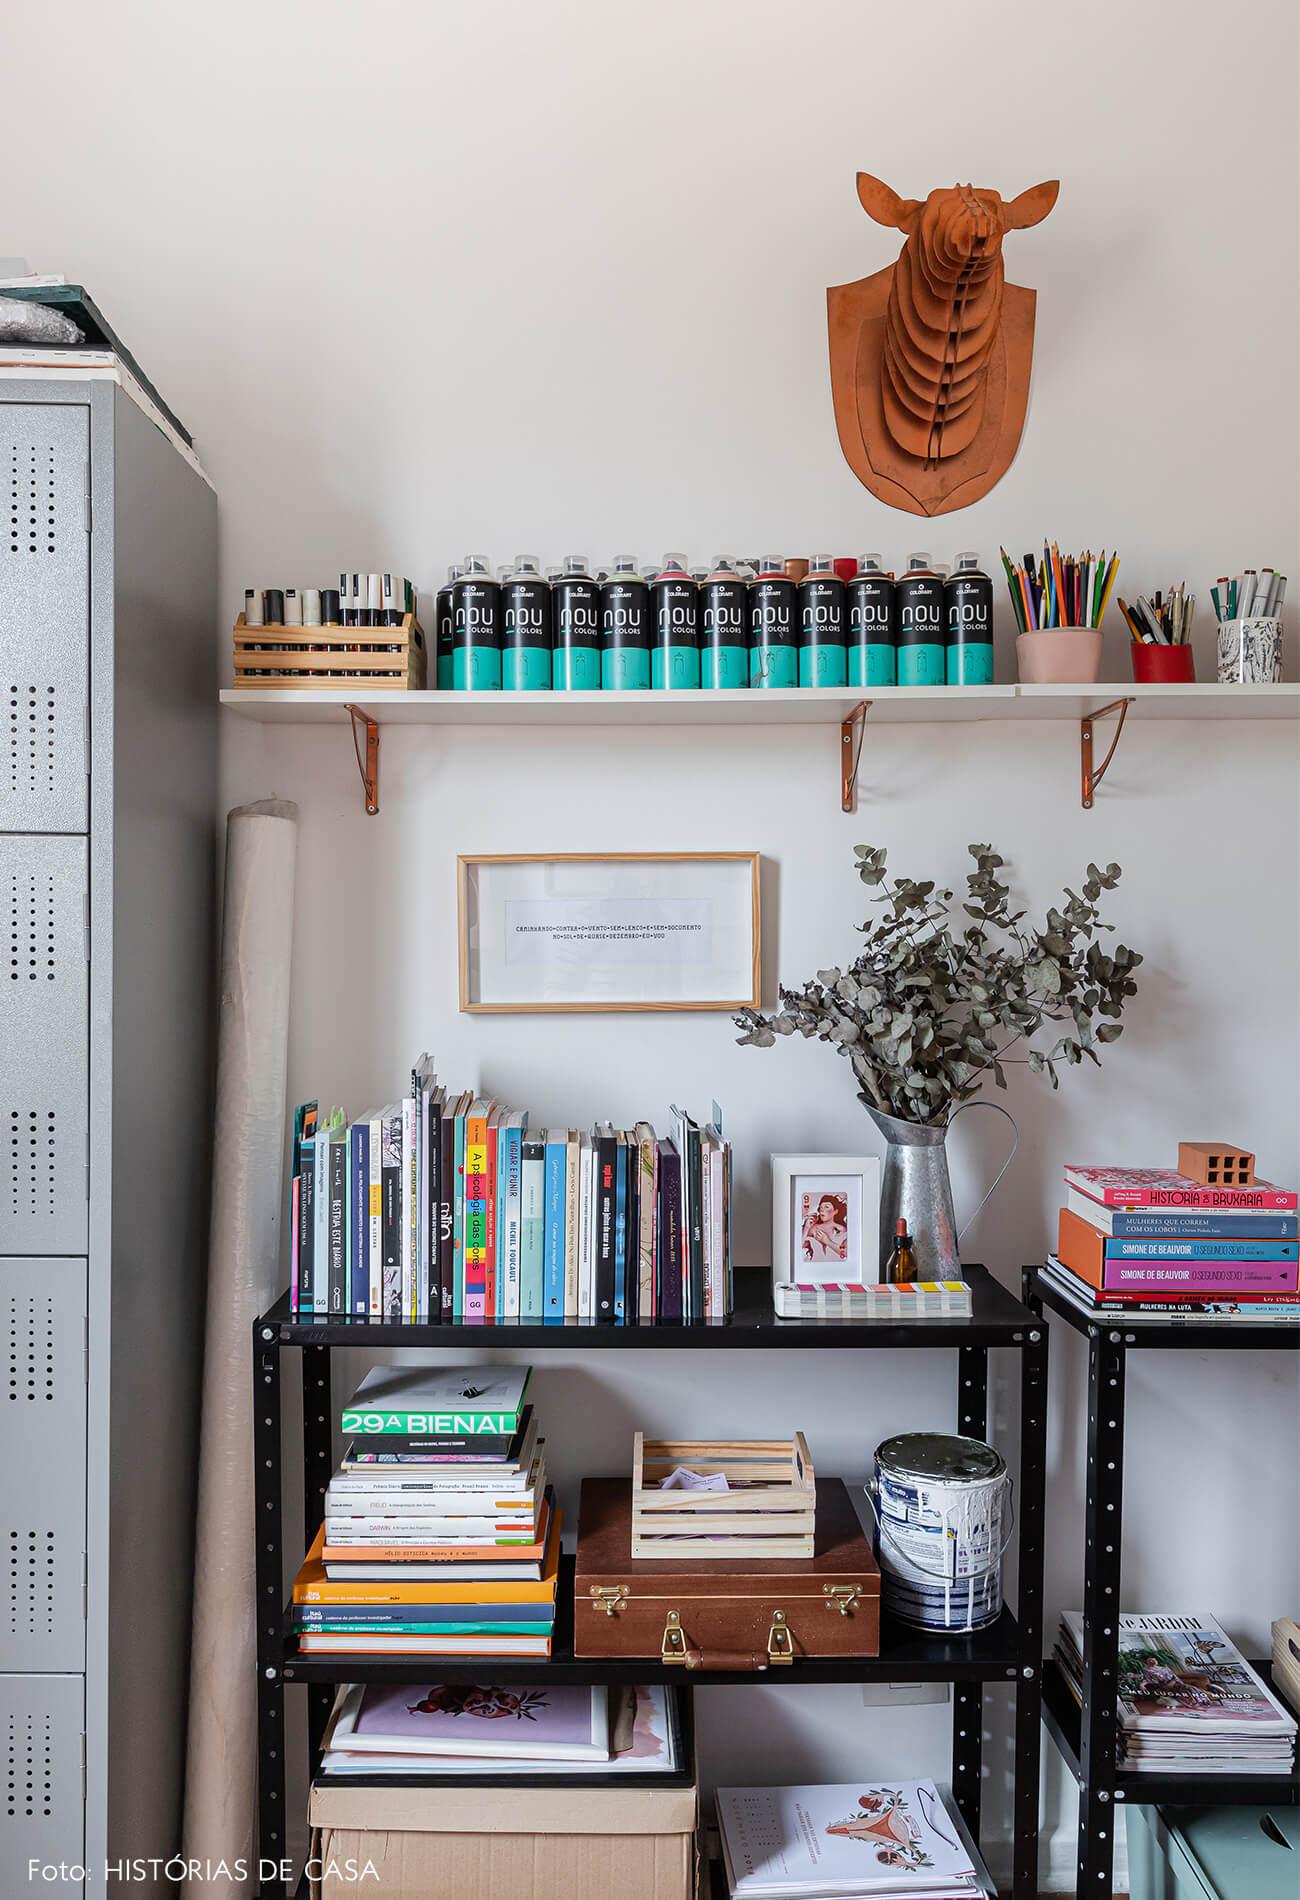 home-office-decoração-com-armarios-de-metal-e-cabeça-animal-na-parede